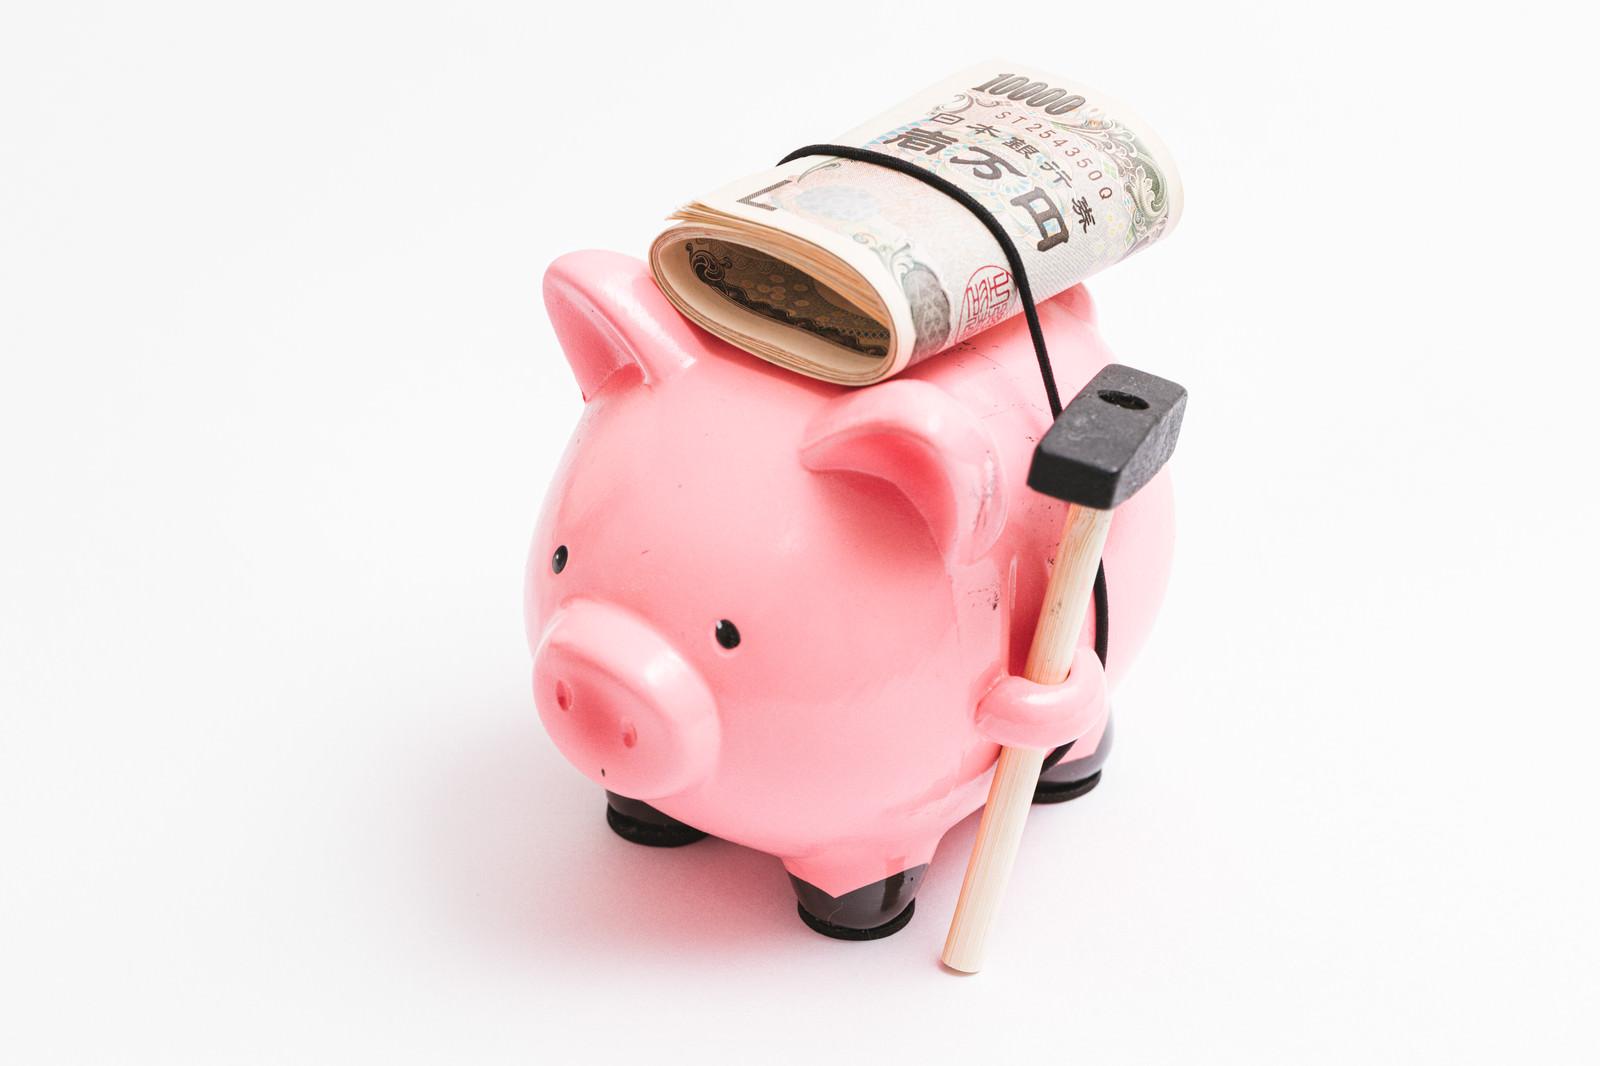 「万札を背負った豚の貯金箱」の写真